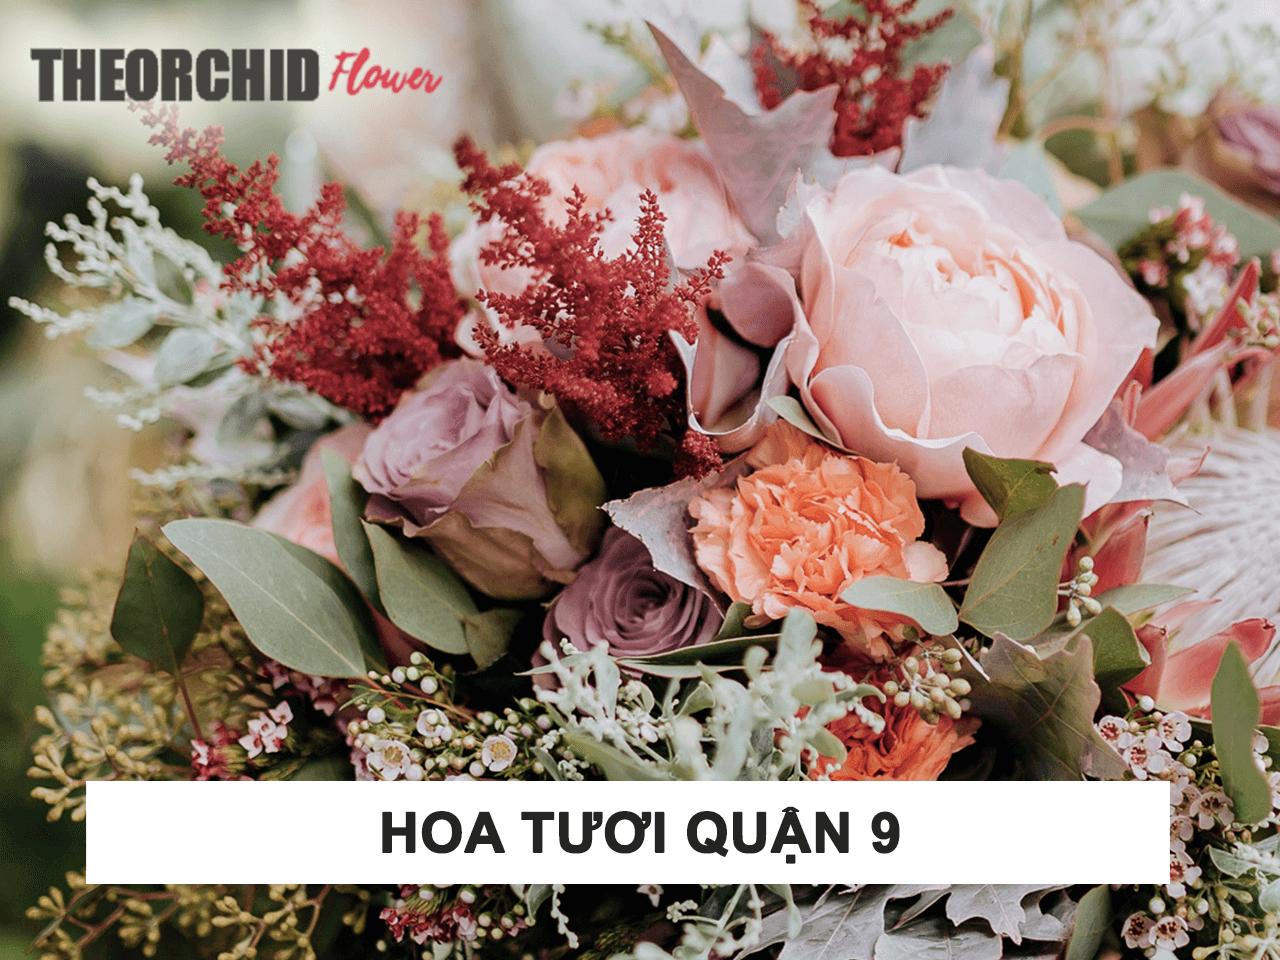 Cửa hàng bán hoa tươi quận 9 giao hàng miễn phí ở HCM